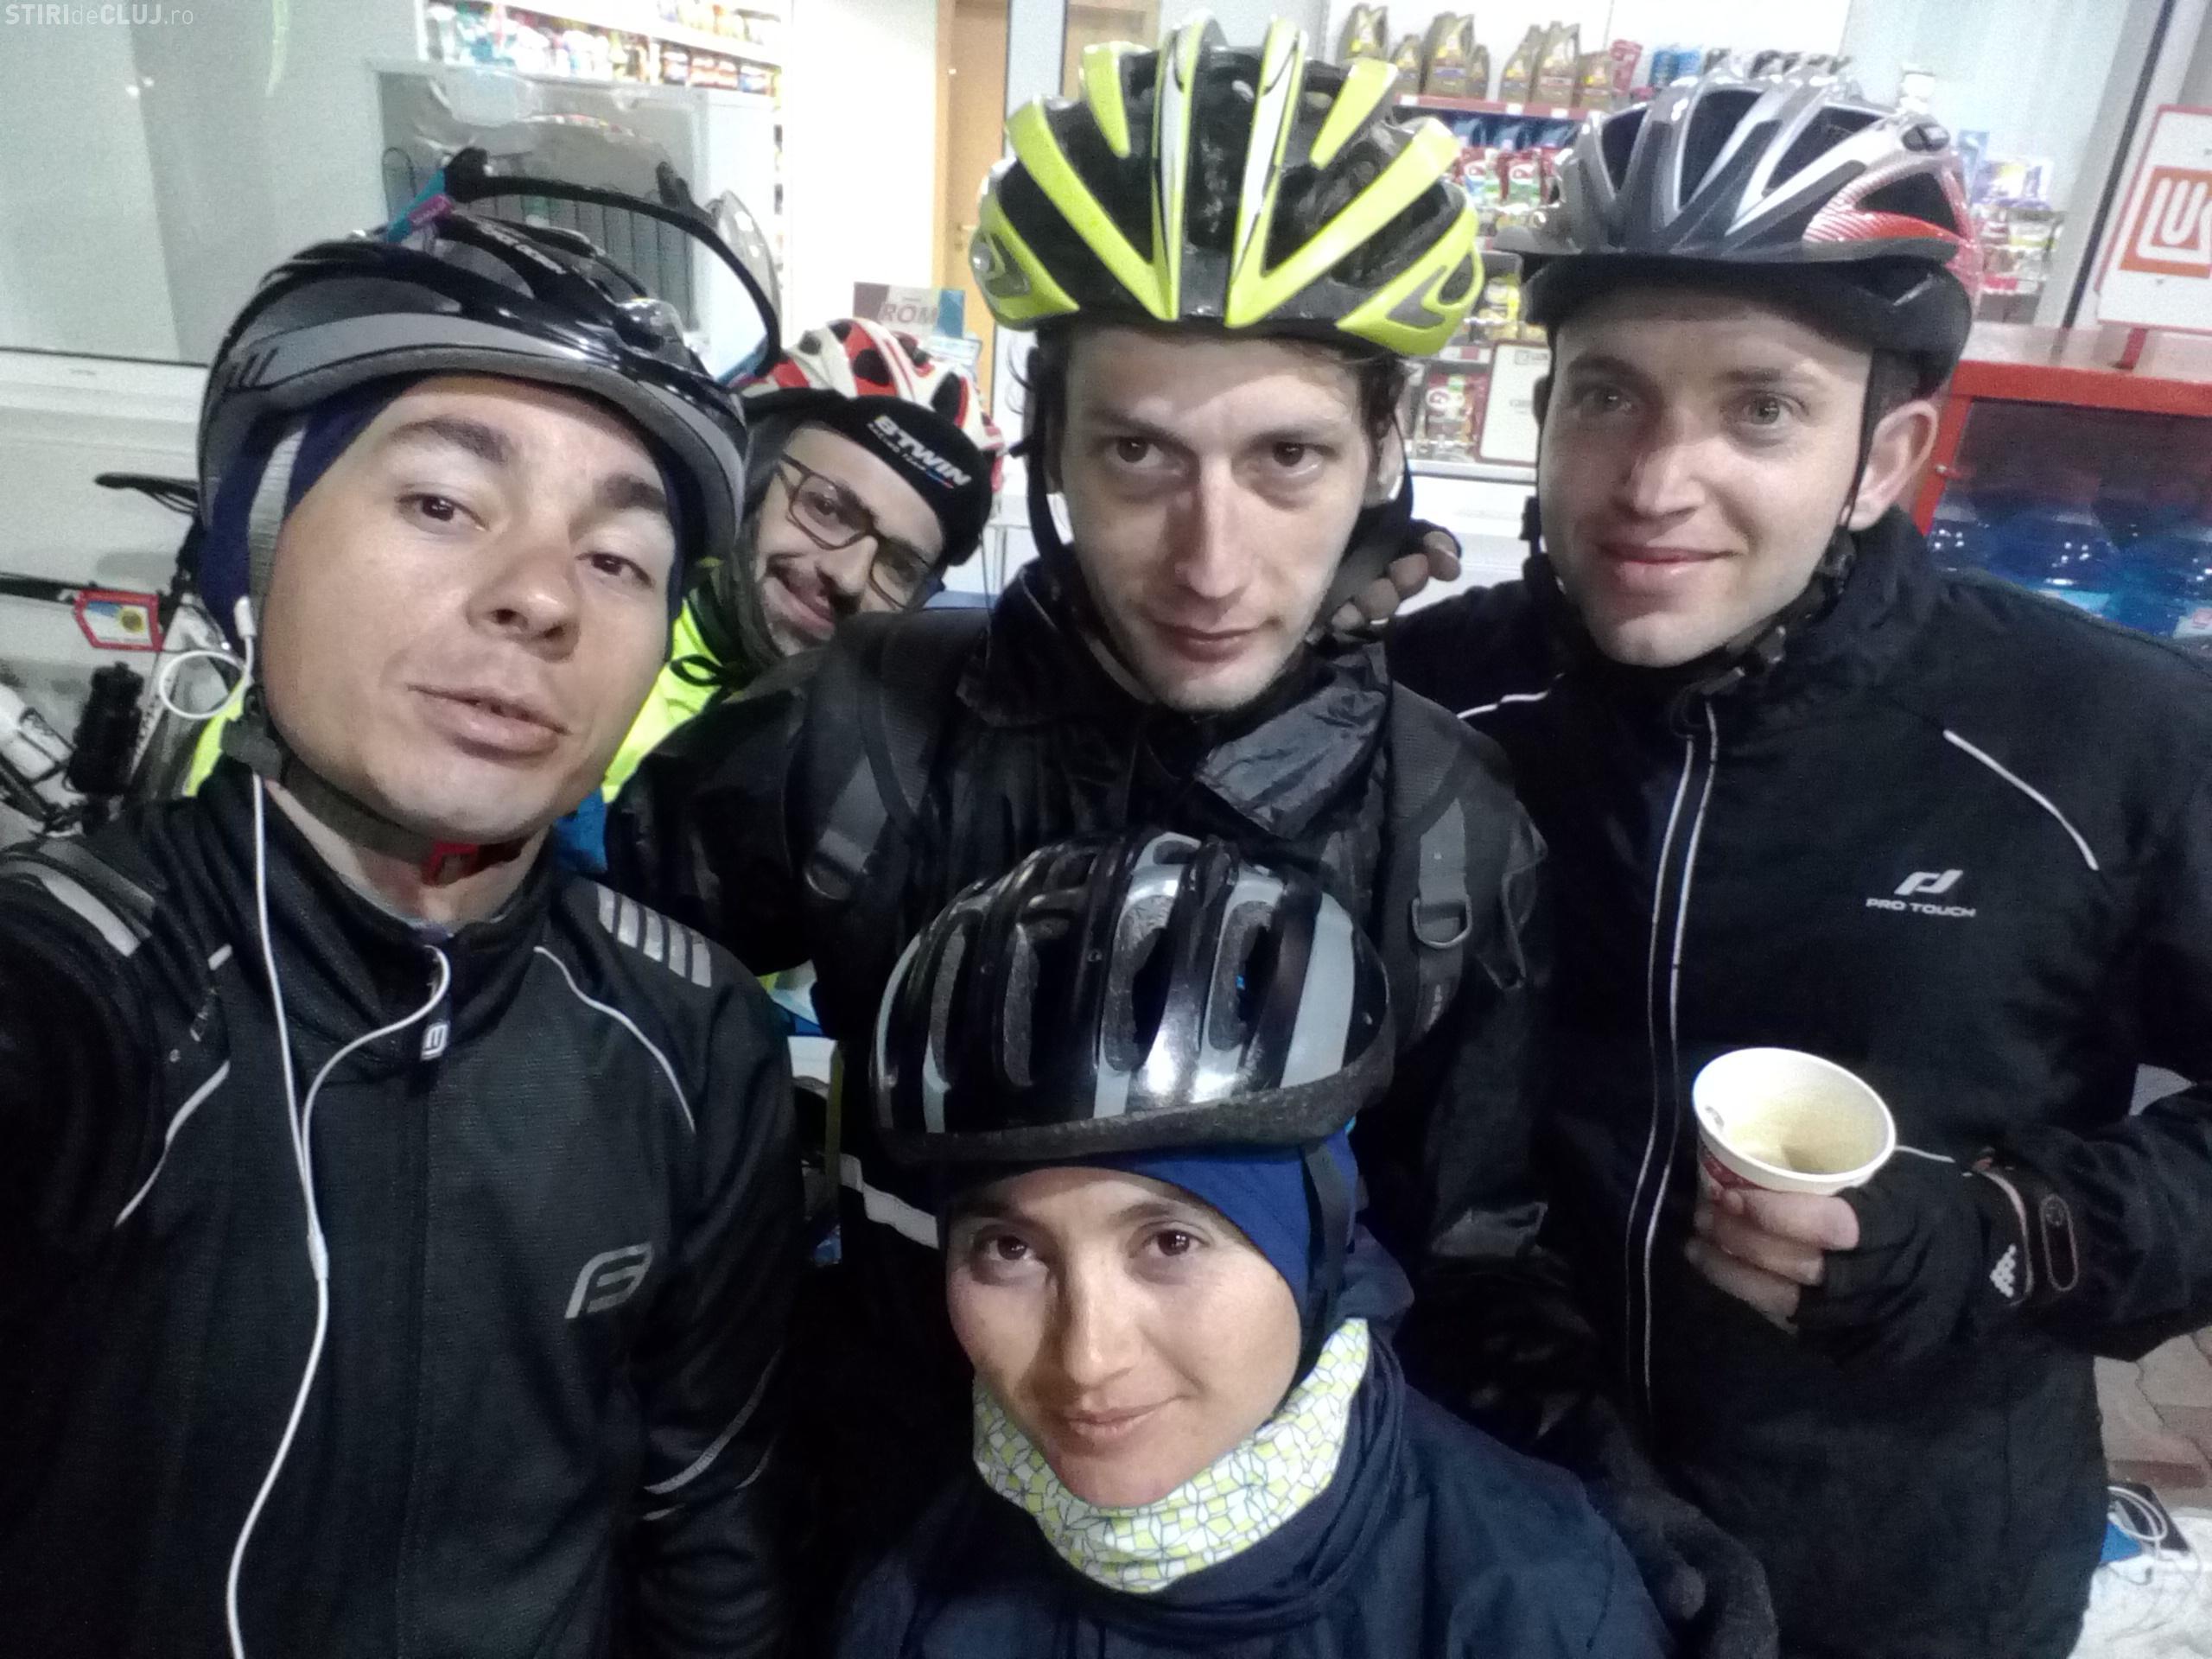 Clujenii au cucerit muntele la ciclism de anduranță - FOTO